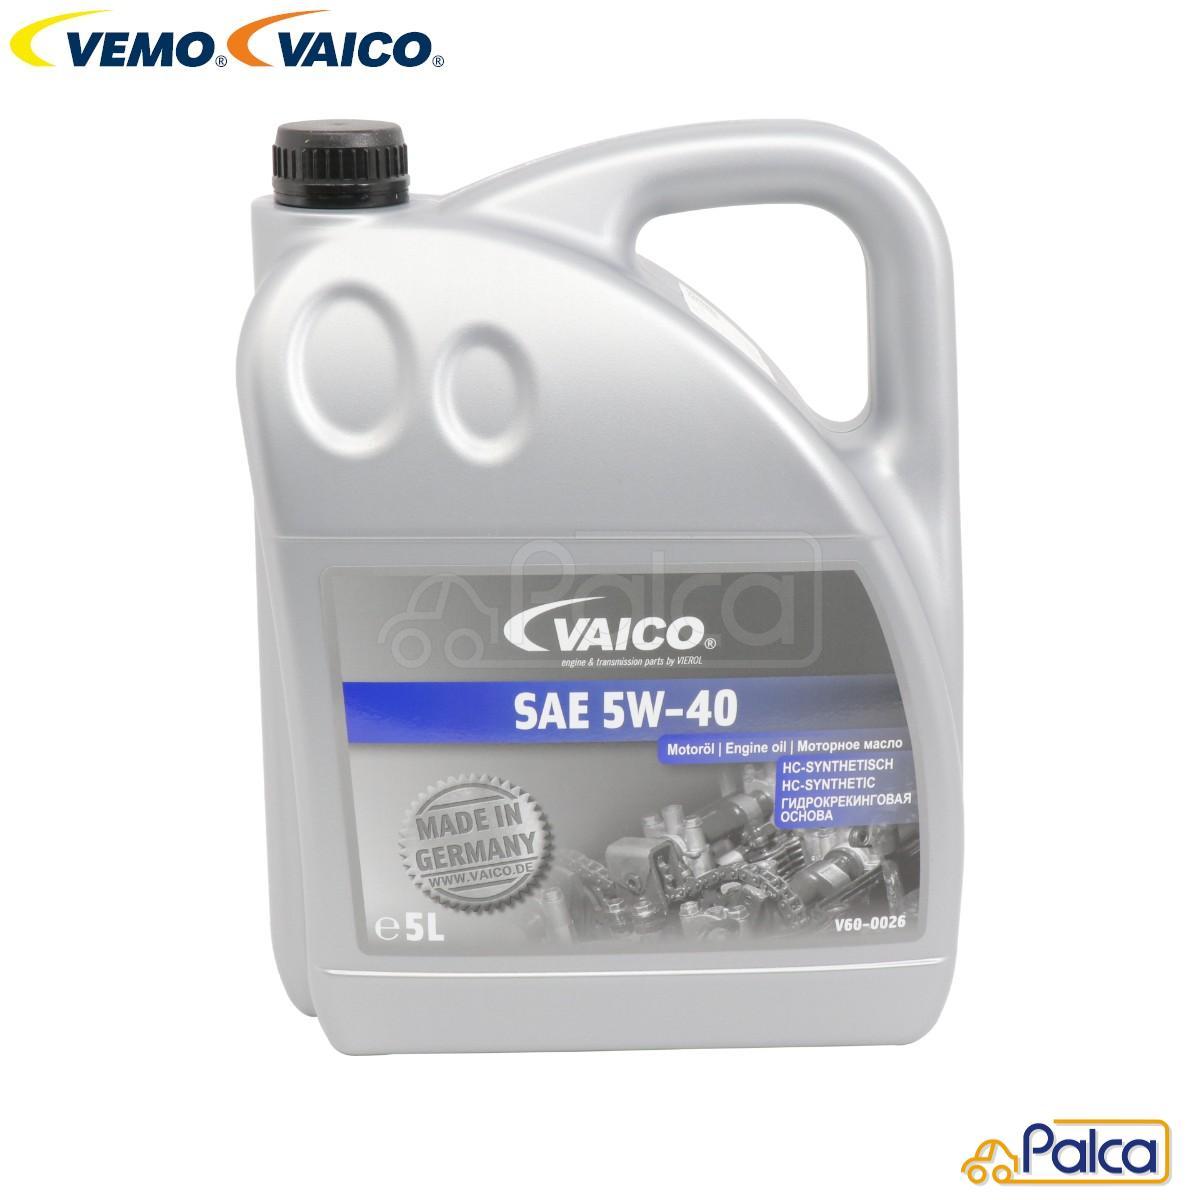 VEMO VAICO製 新品 あす楽 アルファロメオ エンジンオイル synthetic 5W-40 5L 4C 4Cスパイダー 147 ジュリエッタ ジュリア ブレラ 特別セール品 159 ステルヴィオ 155 スパイダー GT 正規逆輸入品 156 GTV ミト